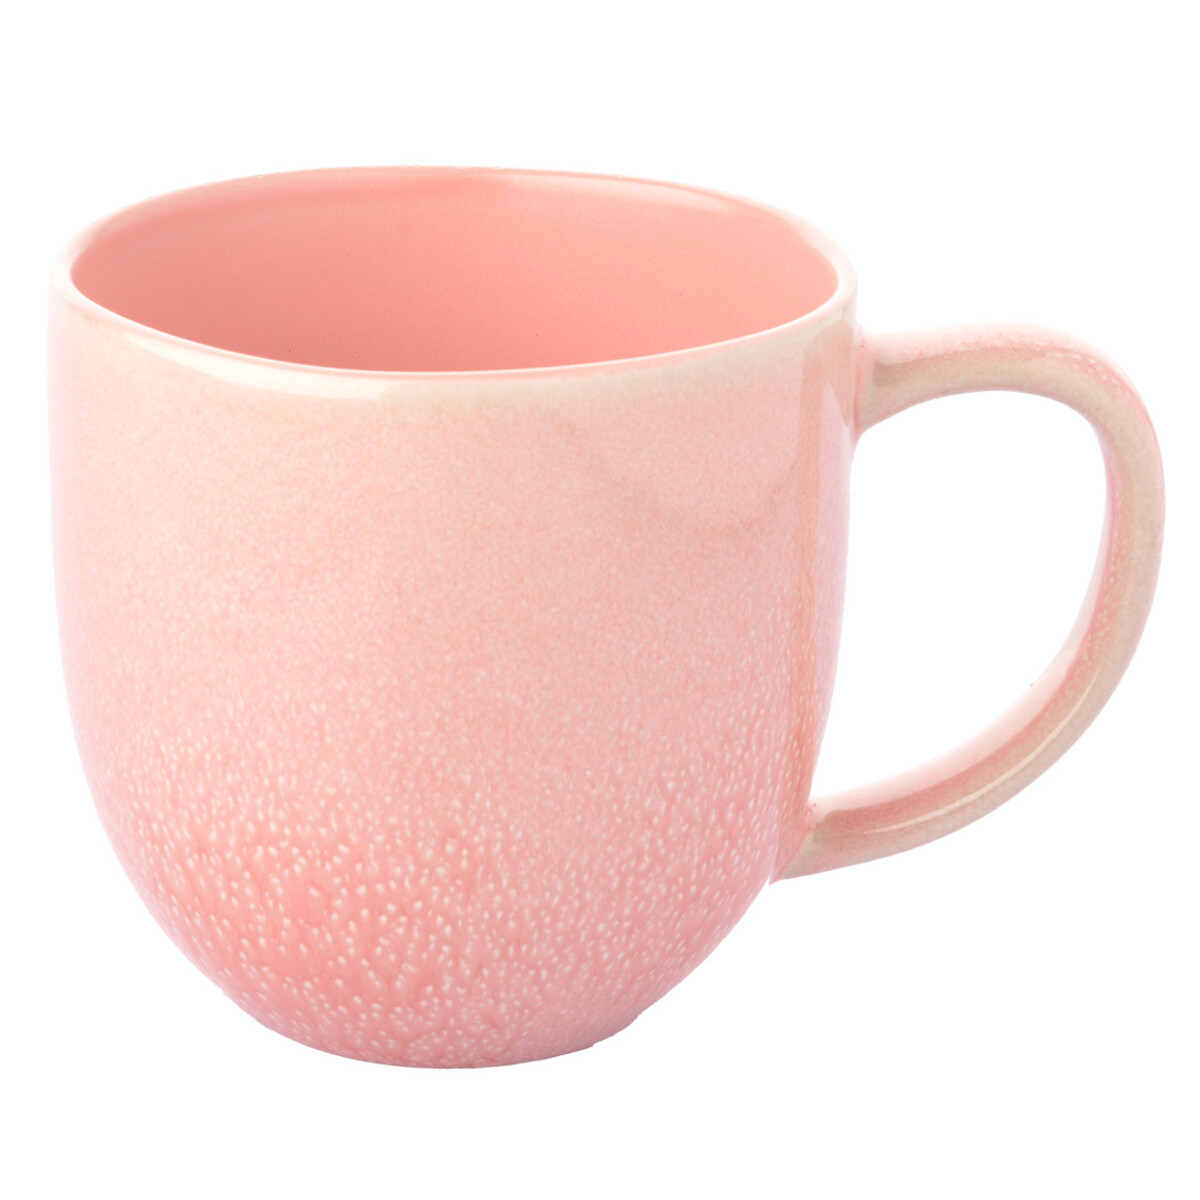 Bild 1 von Tasse in glänzender Optik